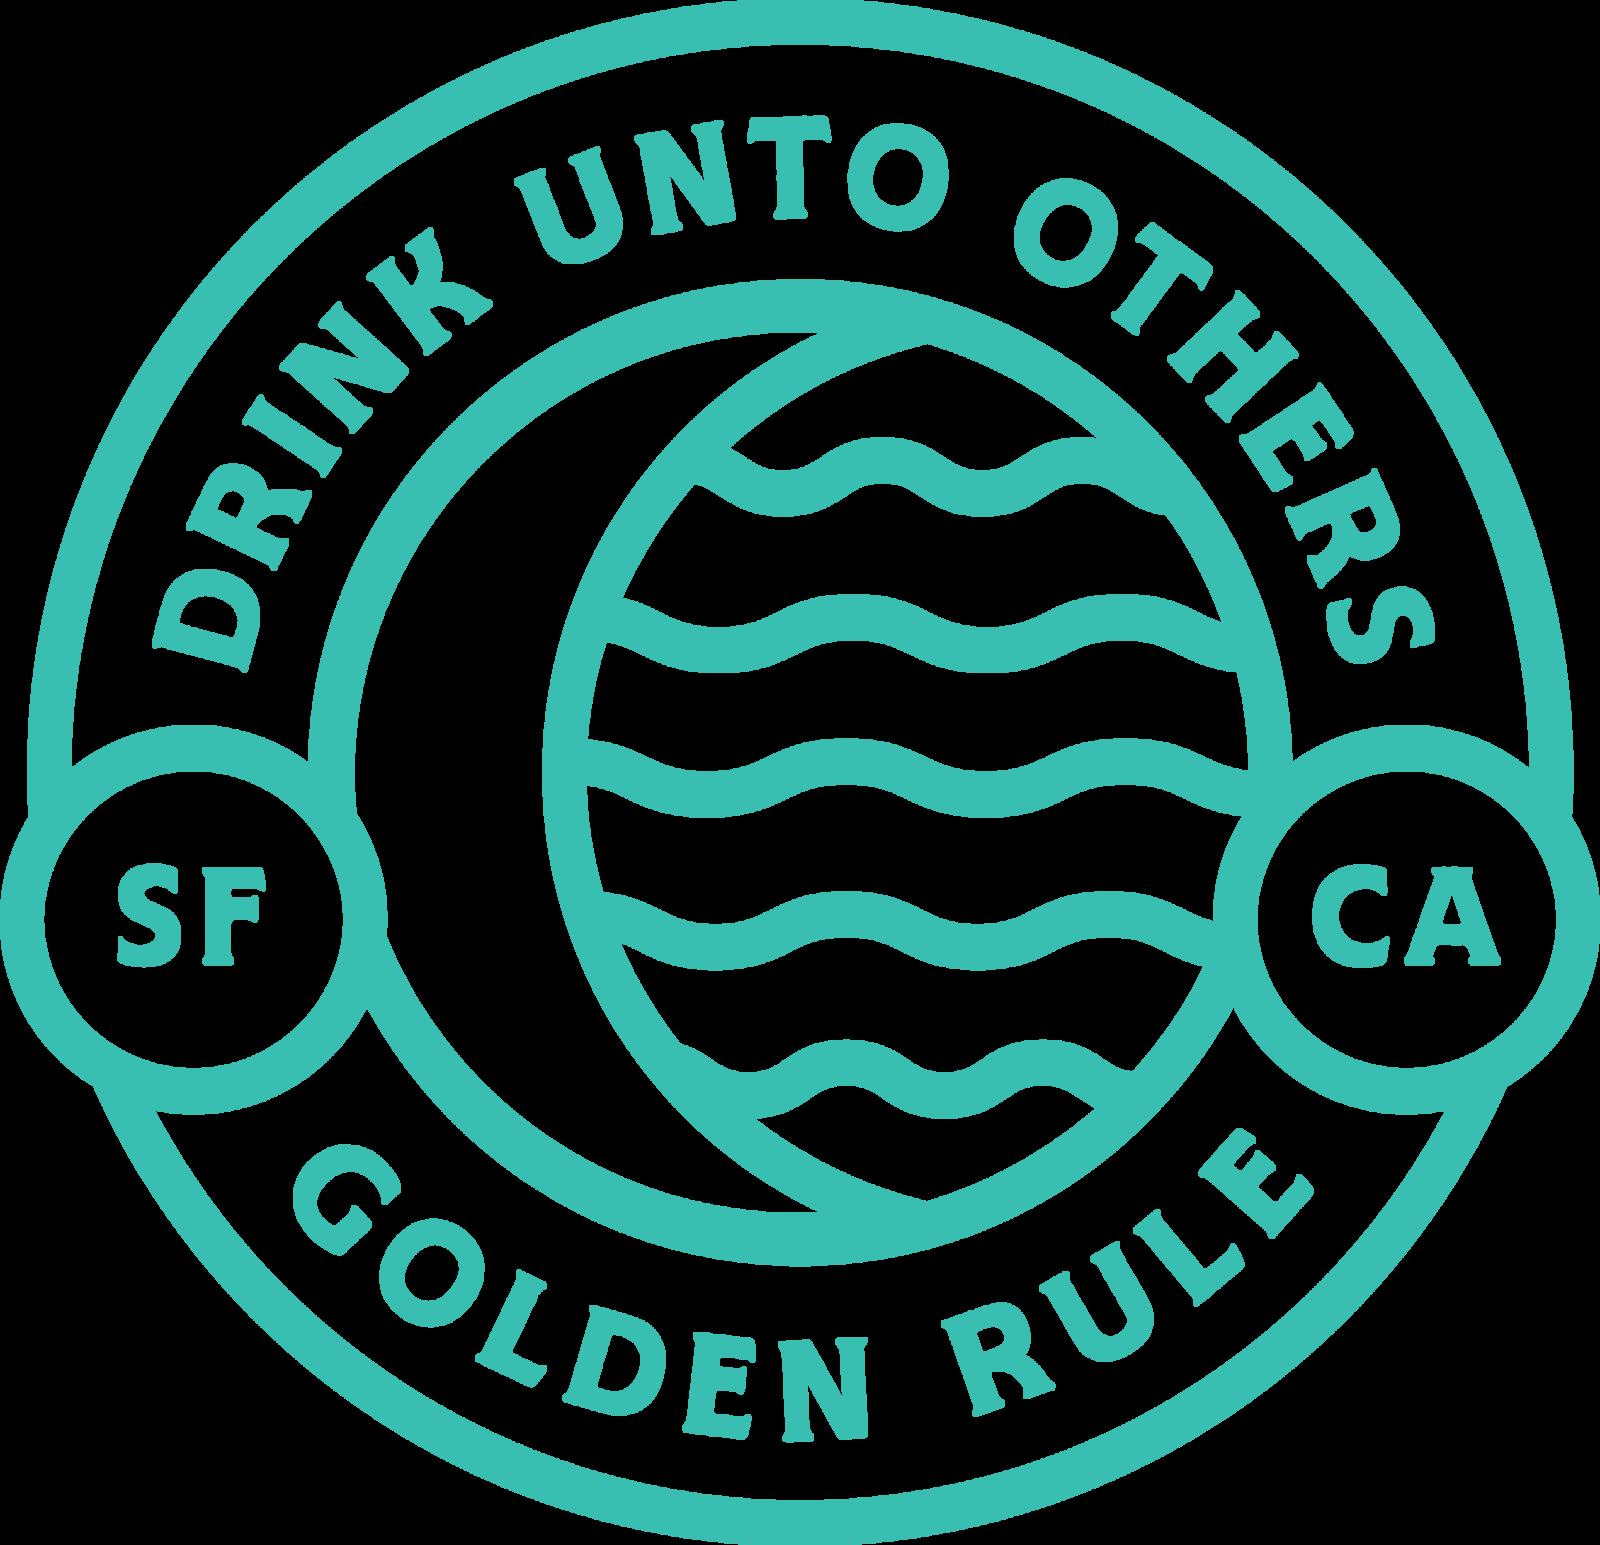 Golden Rule Spirits